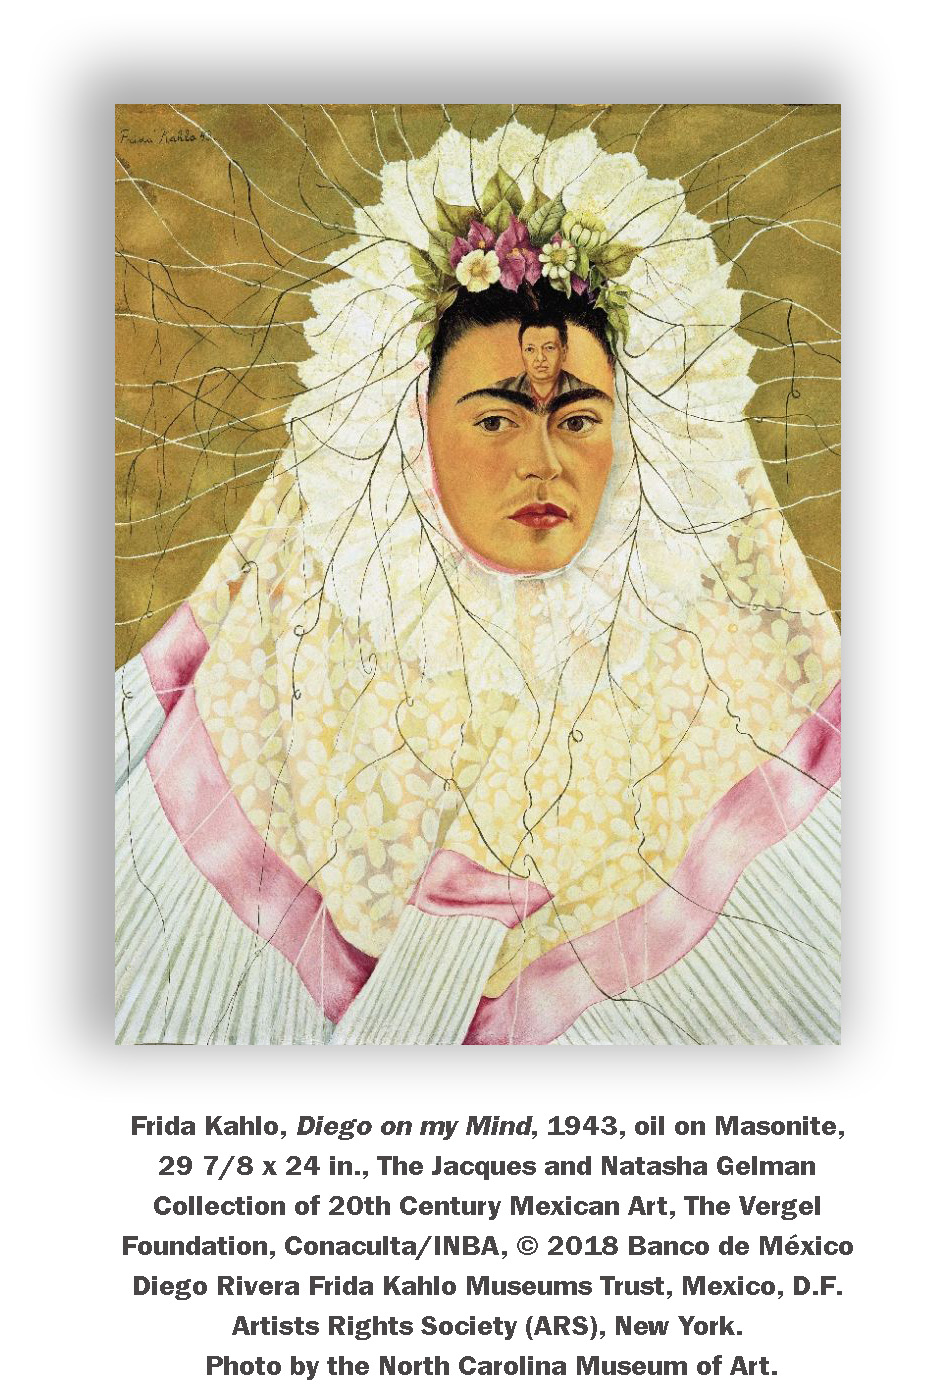 DAAREGEVENTS Frida Kahlo